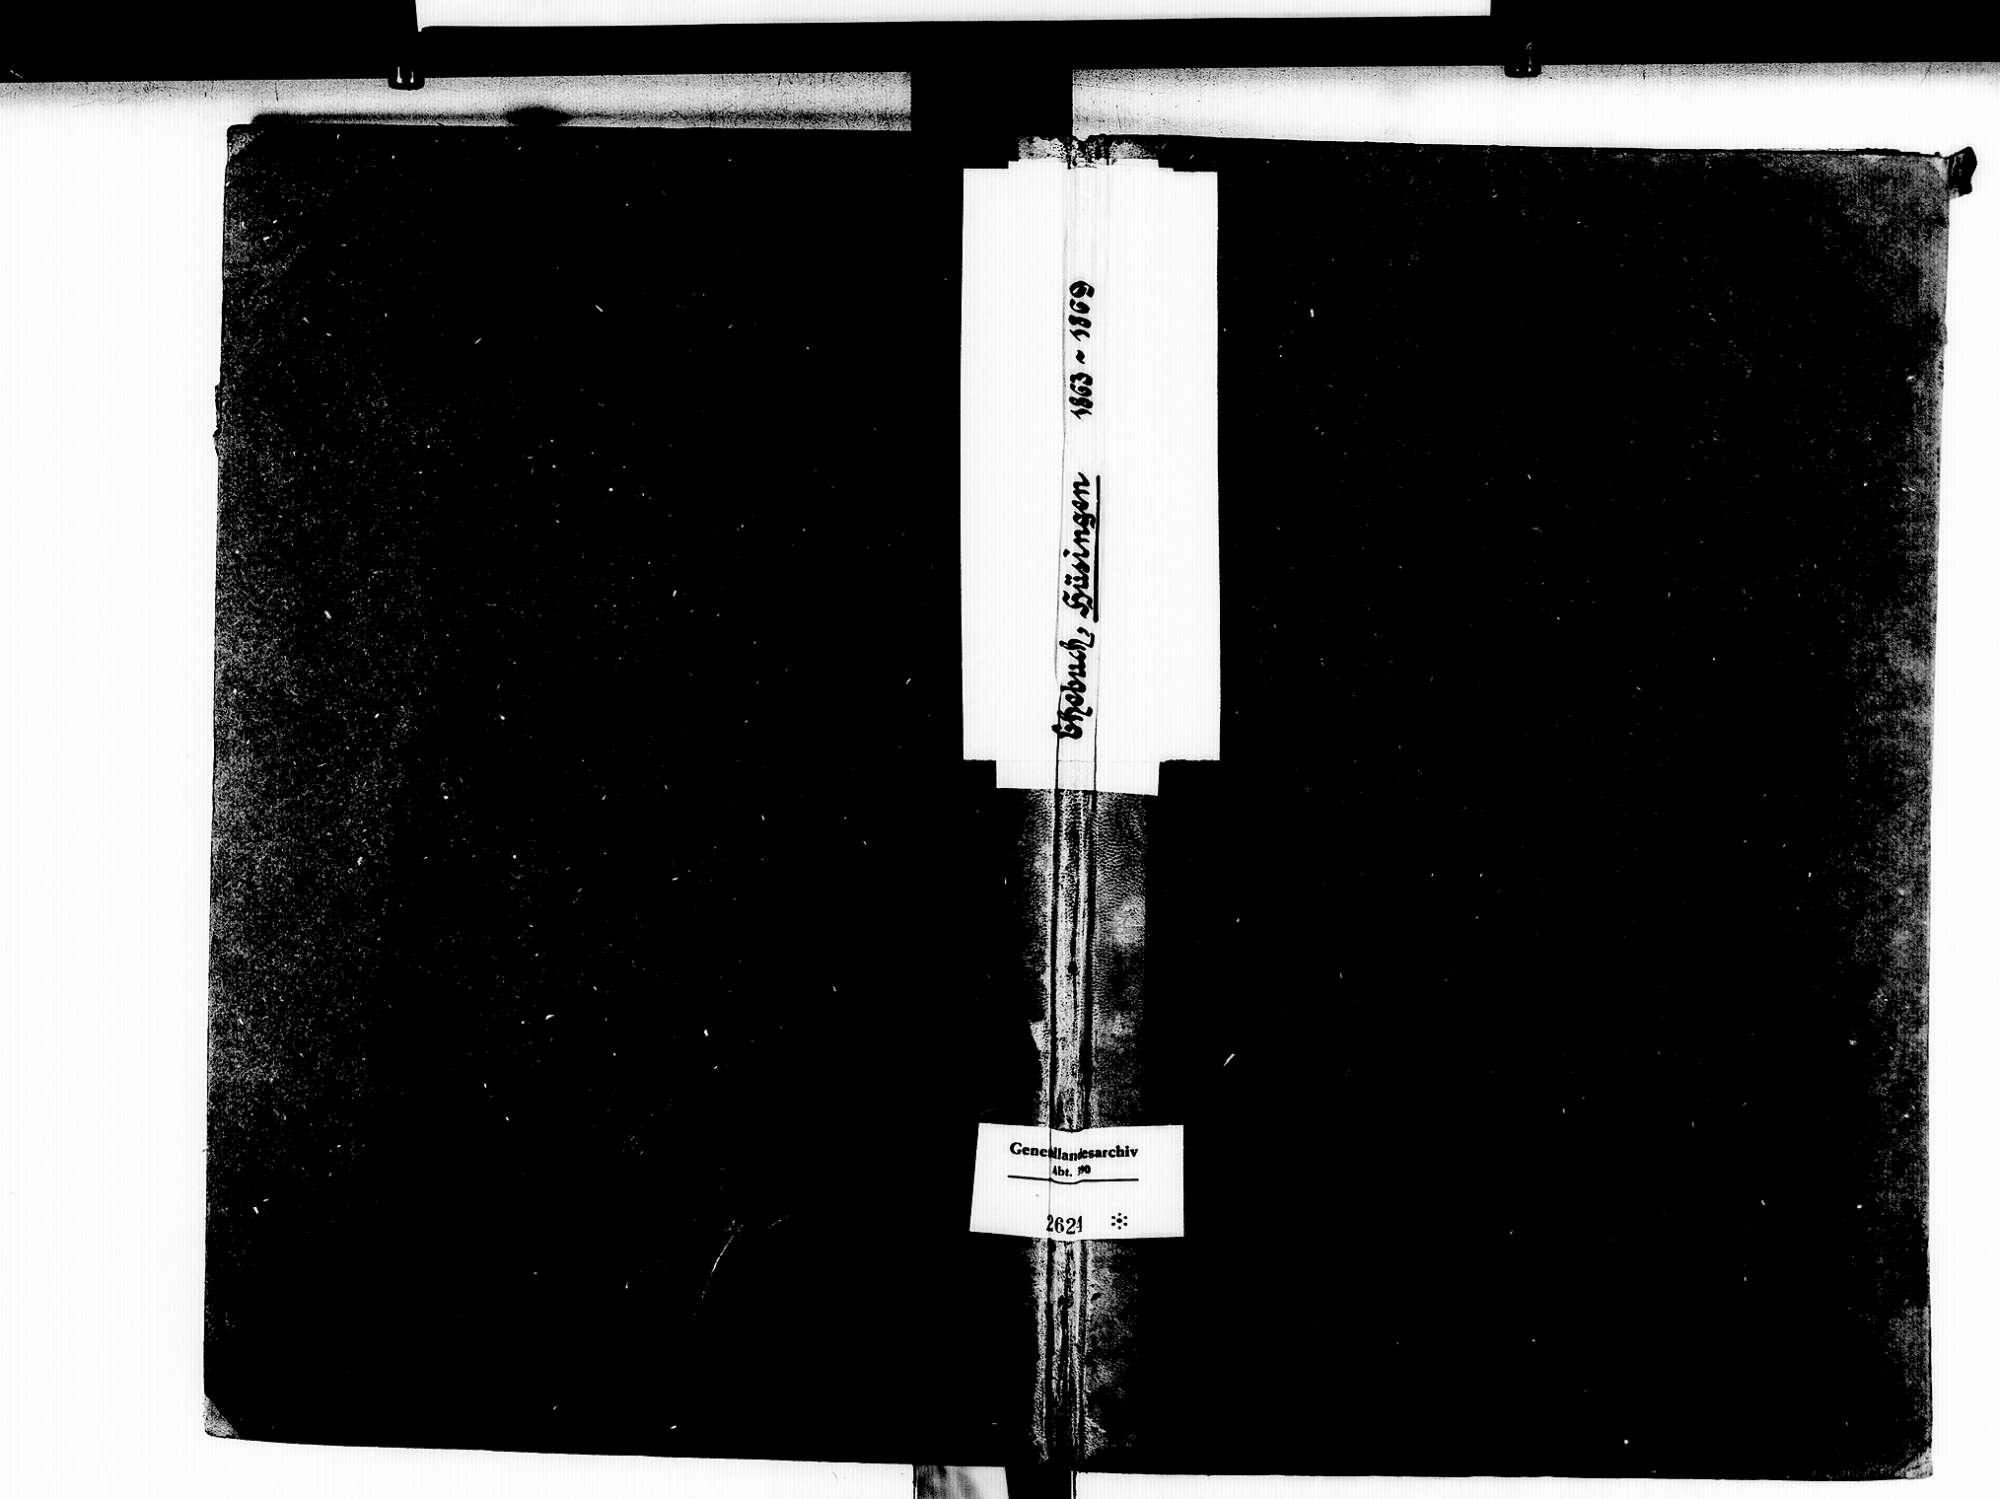 Hüsingen, Steinen LÖ; Evangelische Gemeinde: Heiratsbuch 1863-1869, Bild 1